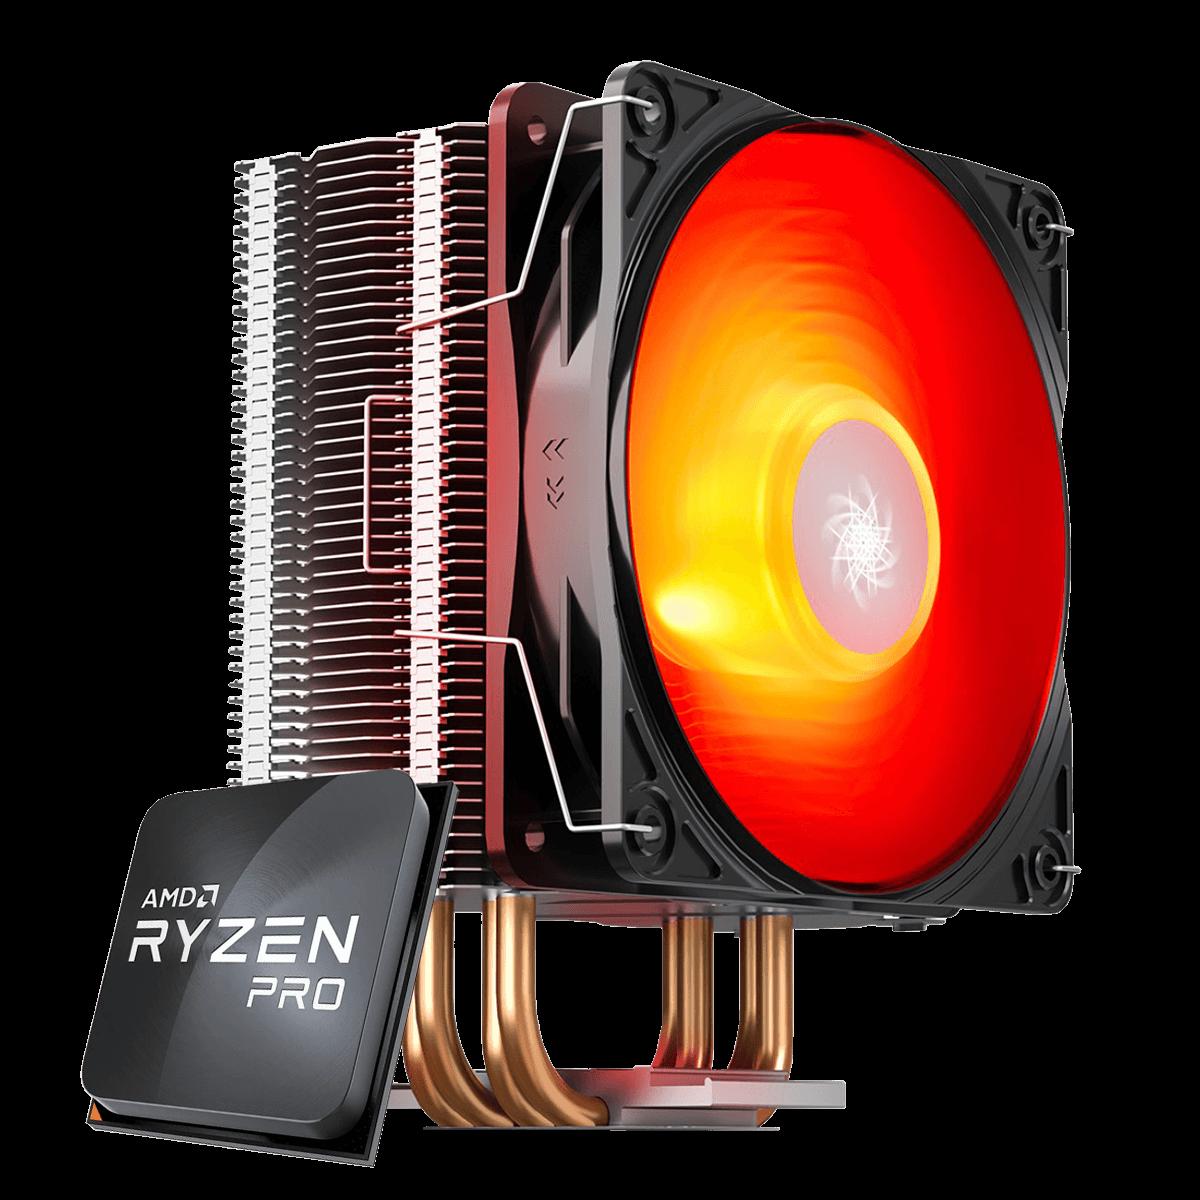 Kit Ryzen 5 PRO 4650G 4.2GHz + Cooler DeepCool Gammaxx 400 V2 Red